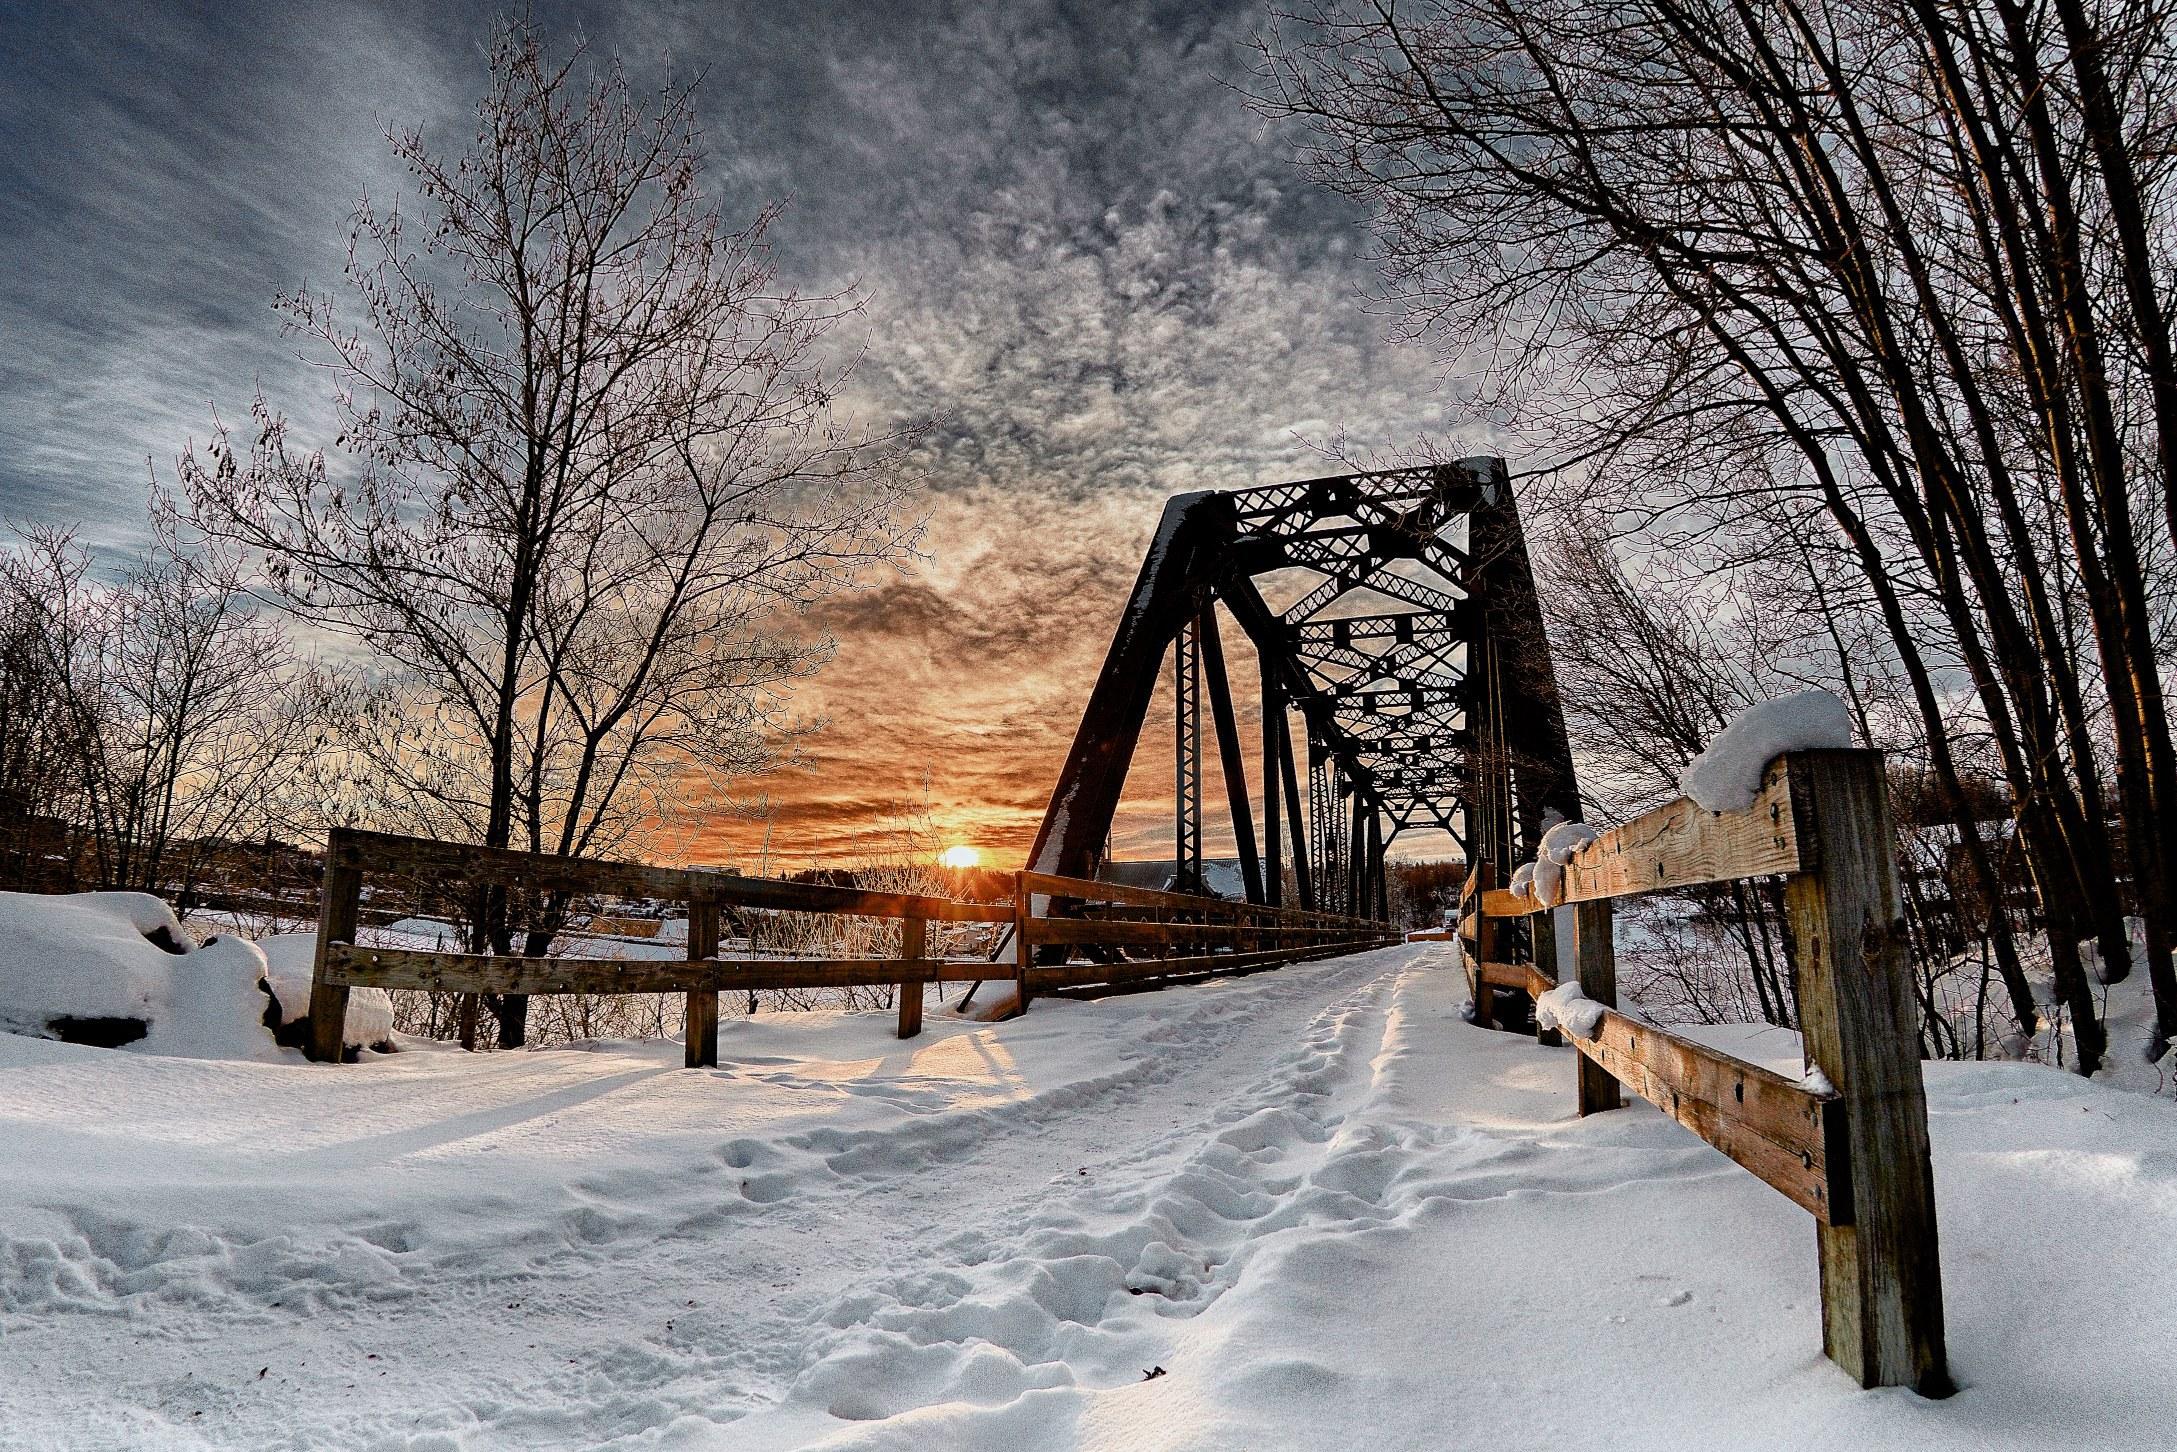 видит зимняя мостовая картинки легко удовольствием